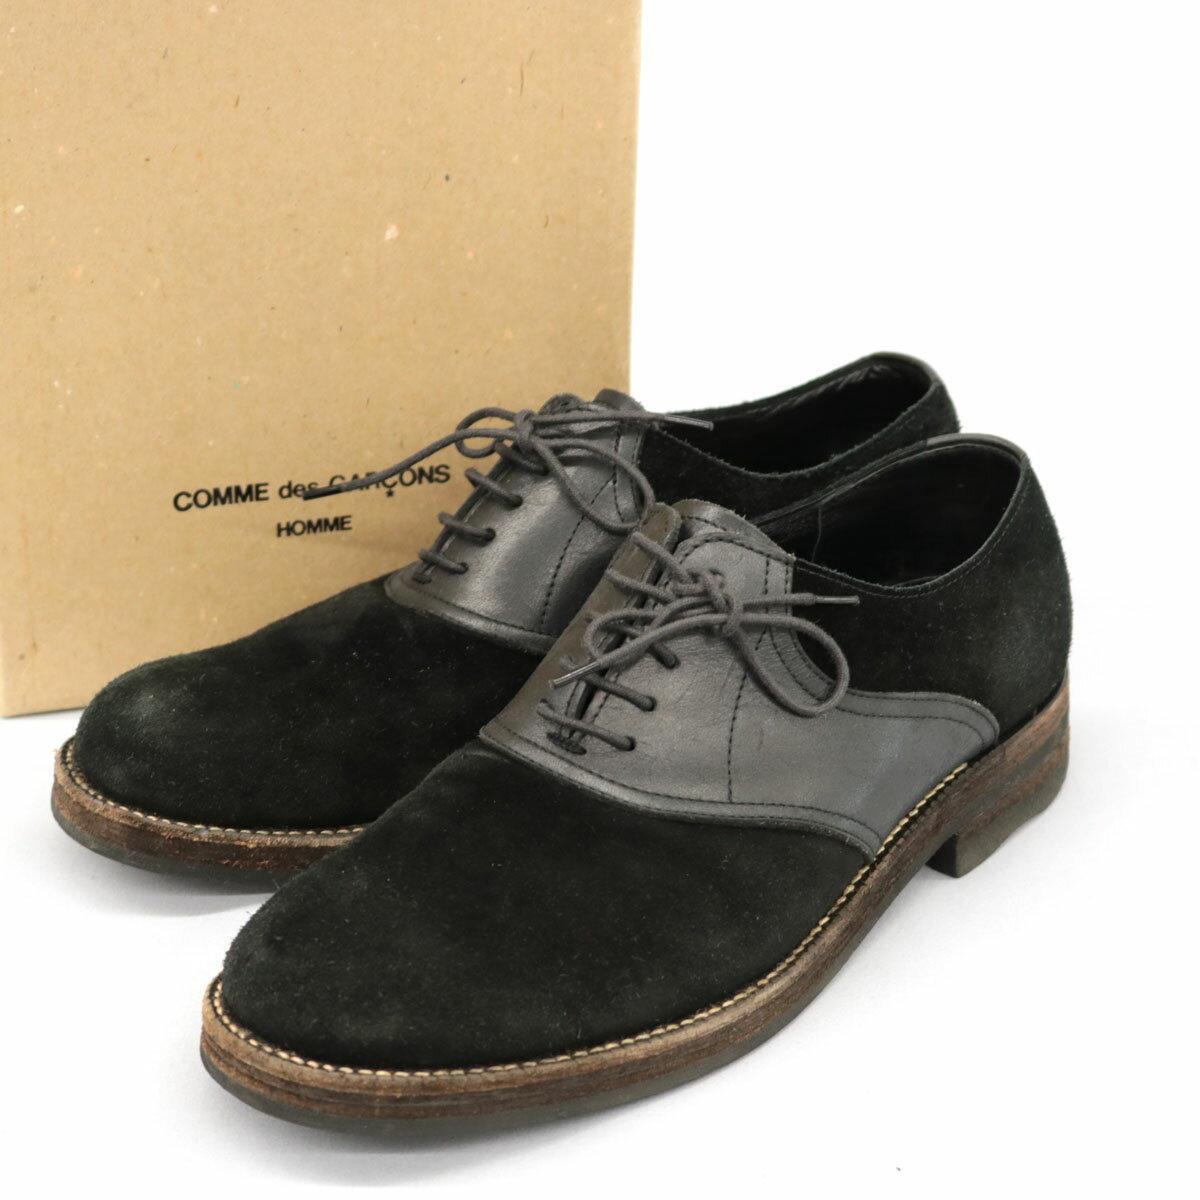 メンズ靴, その他 COMME des GARCONS HOMME 24.5cm